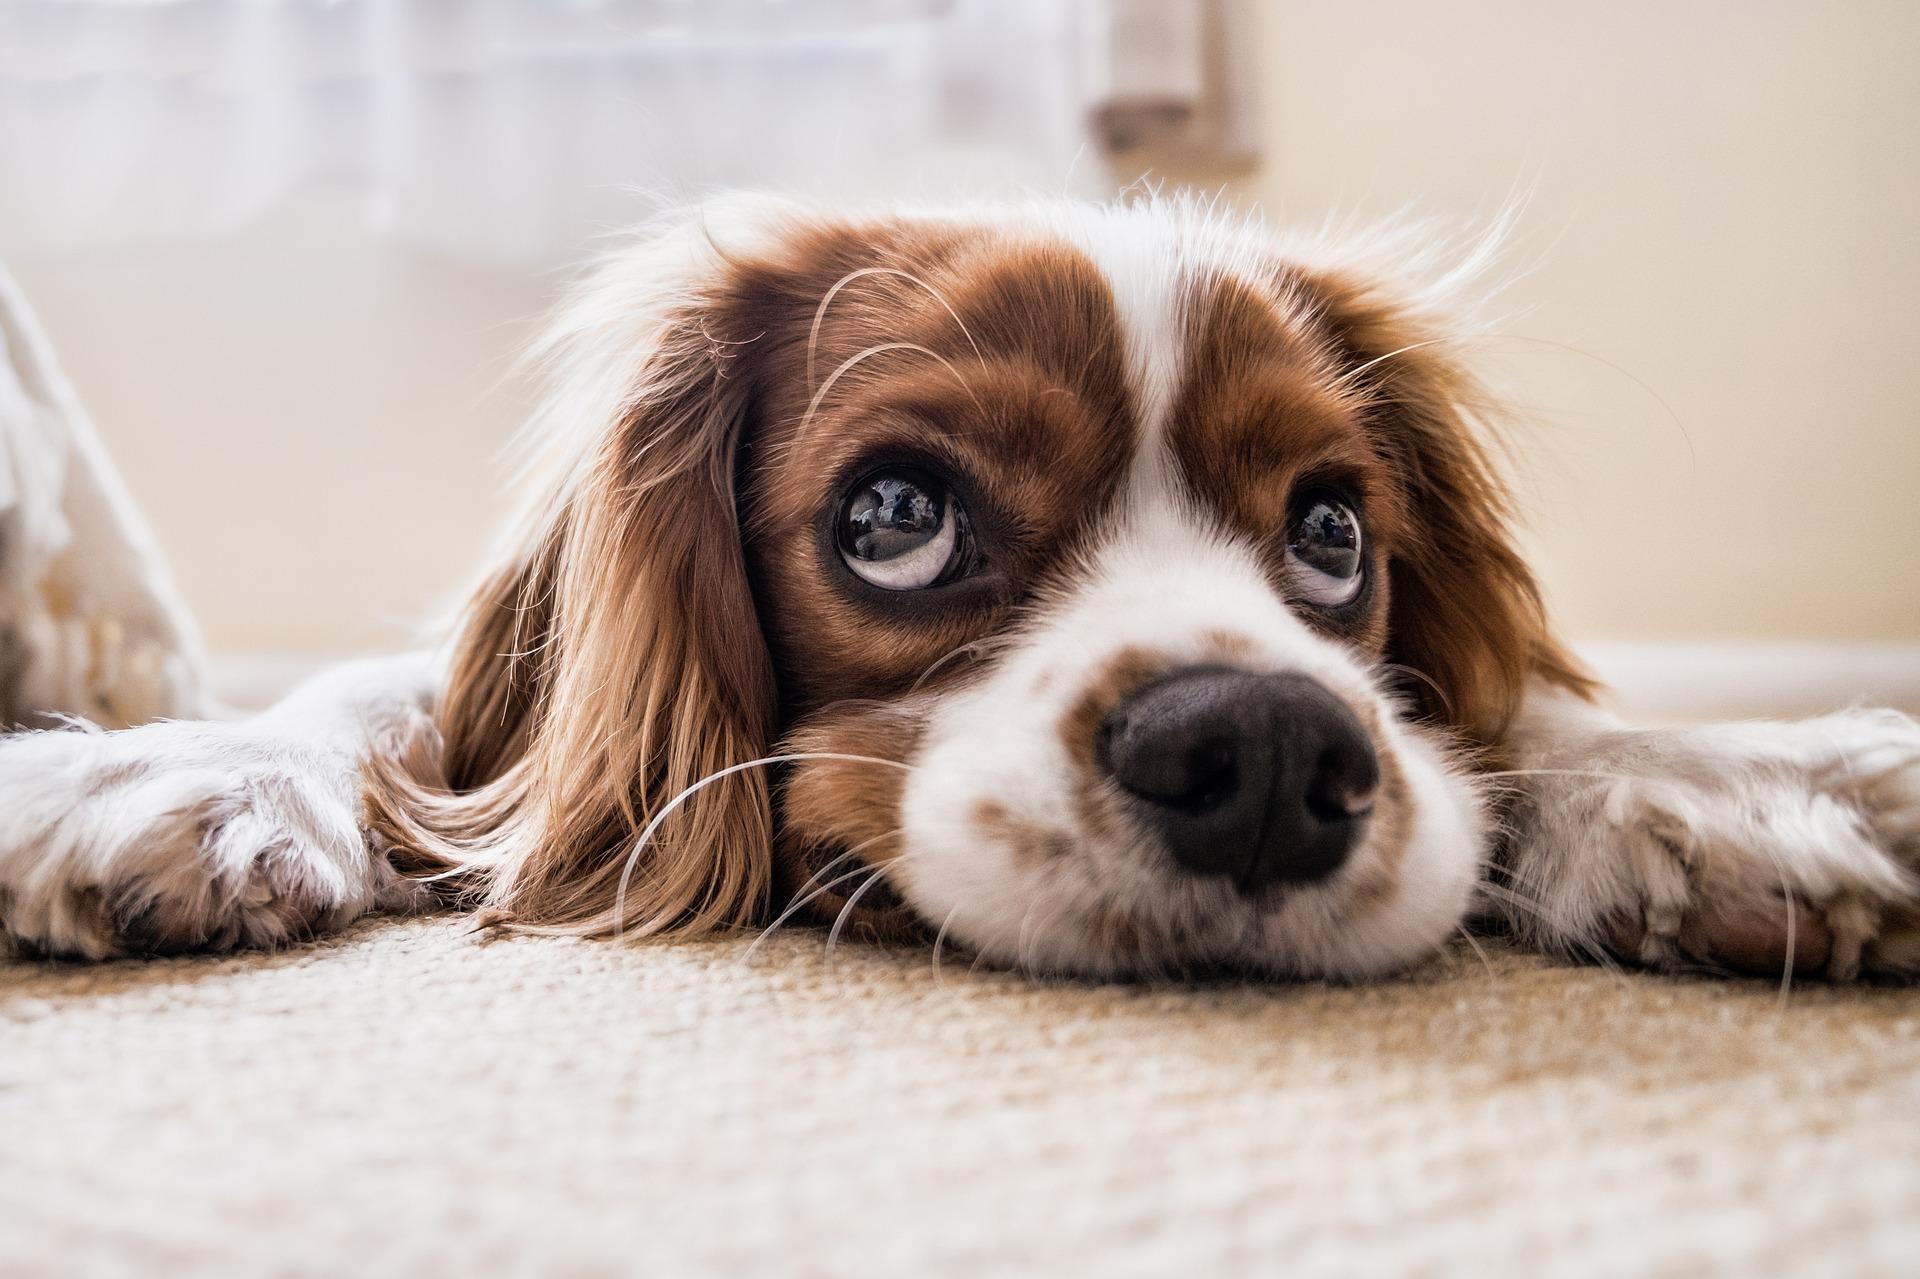 犬の環軸椎亜脱臼を徹底解説!犬の病気を正しく知ろう